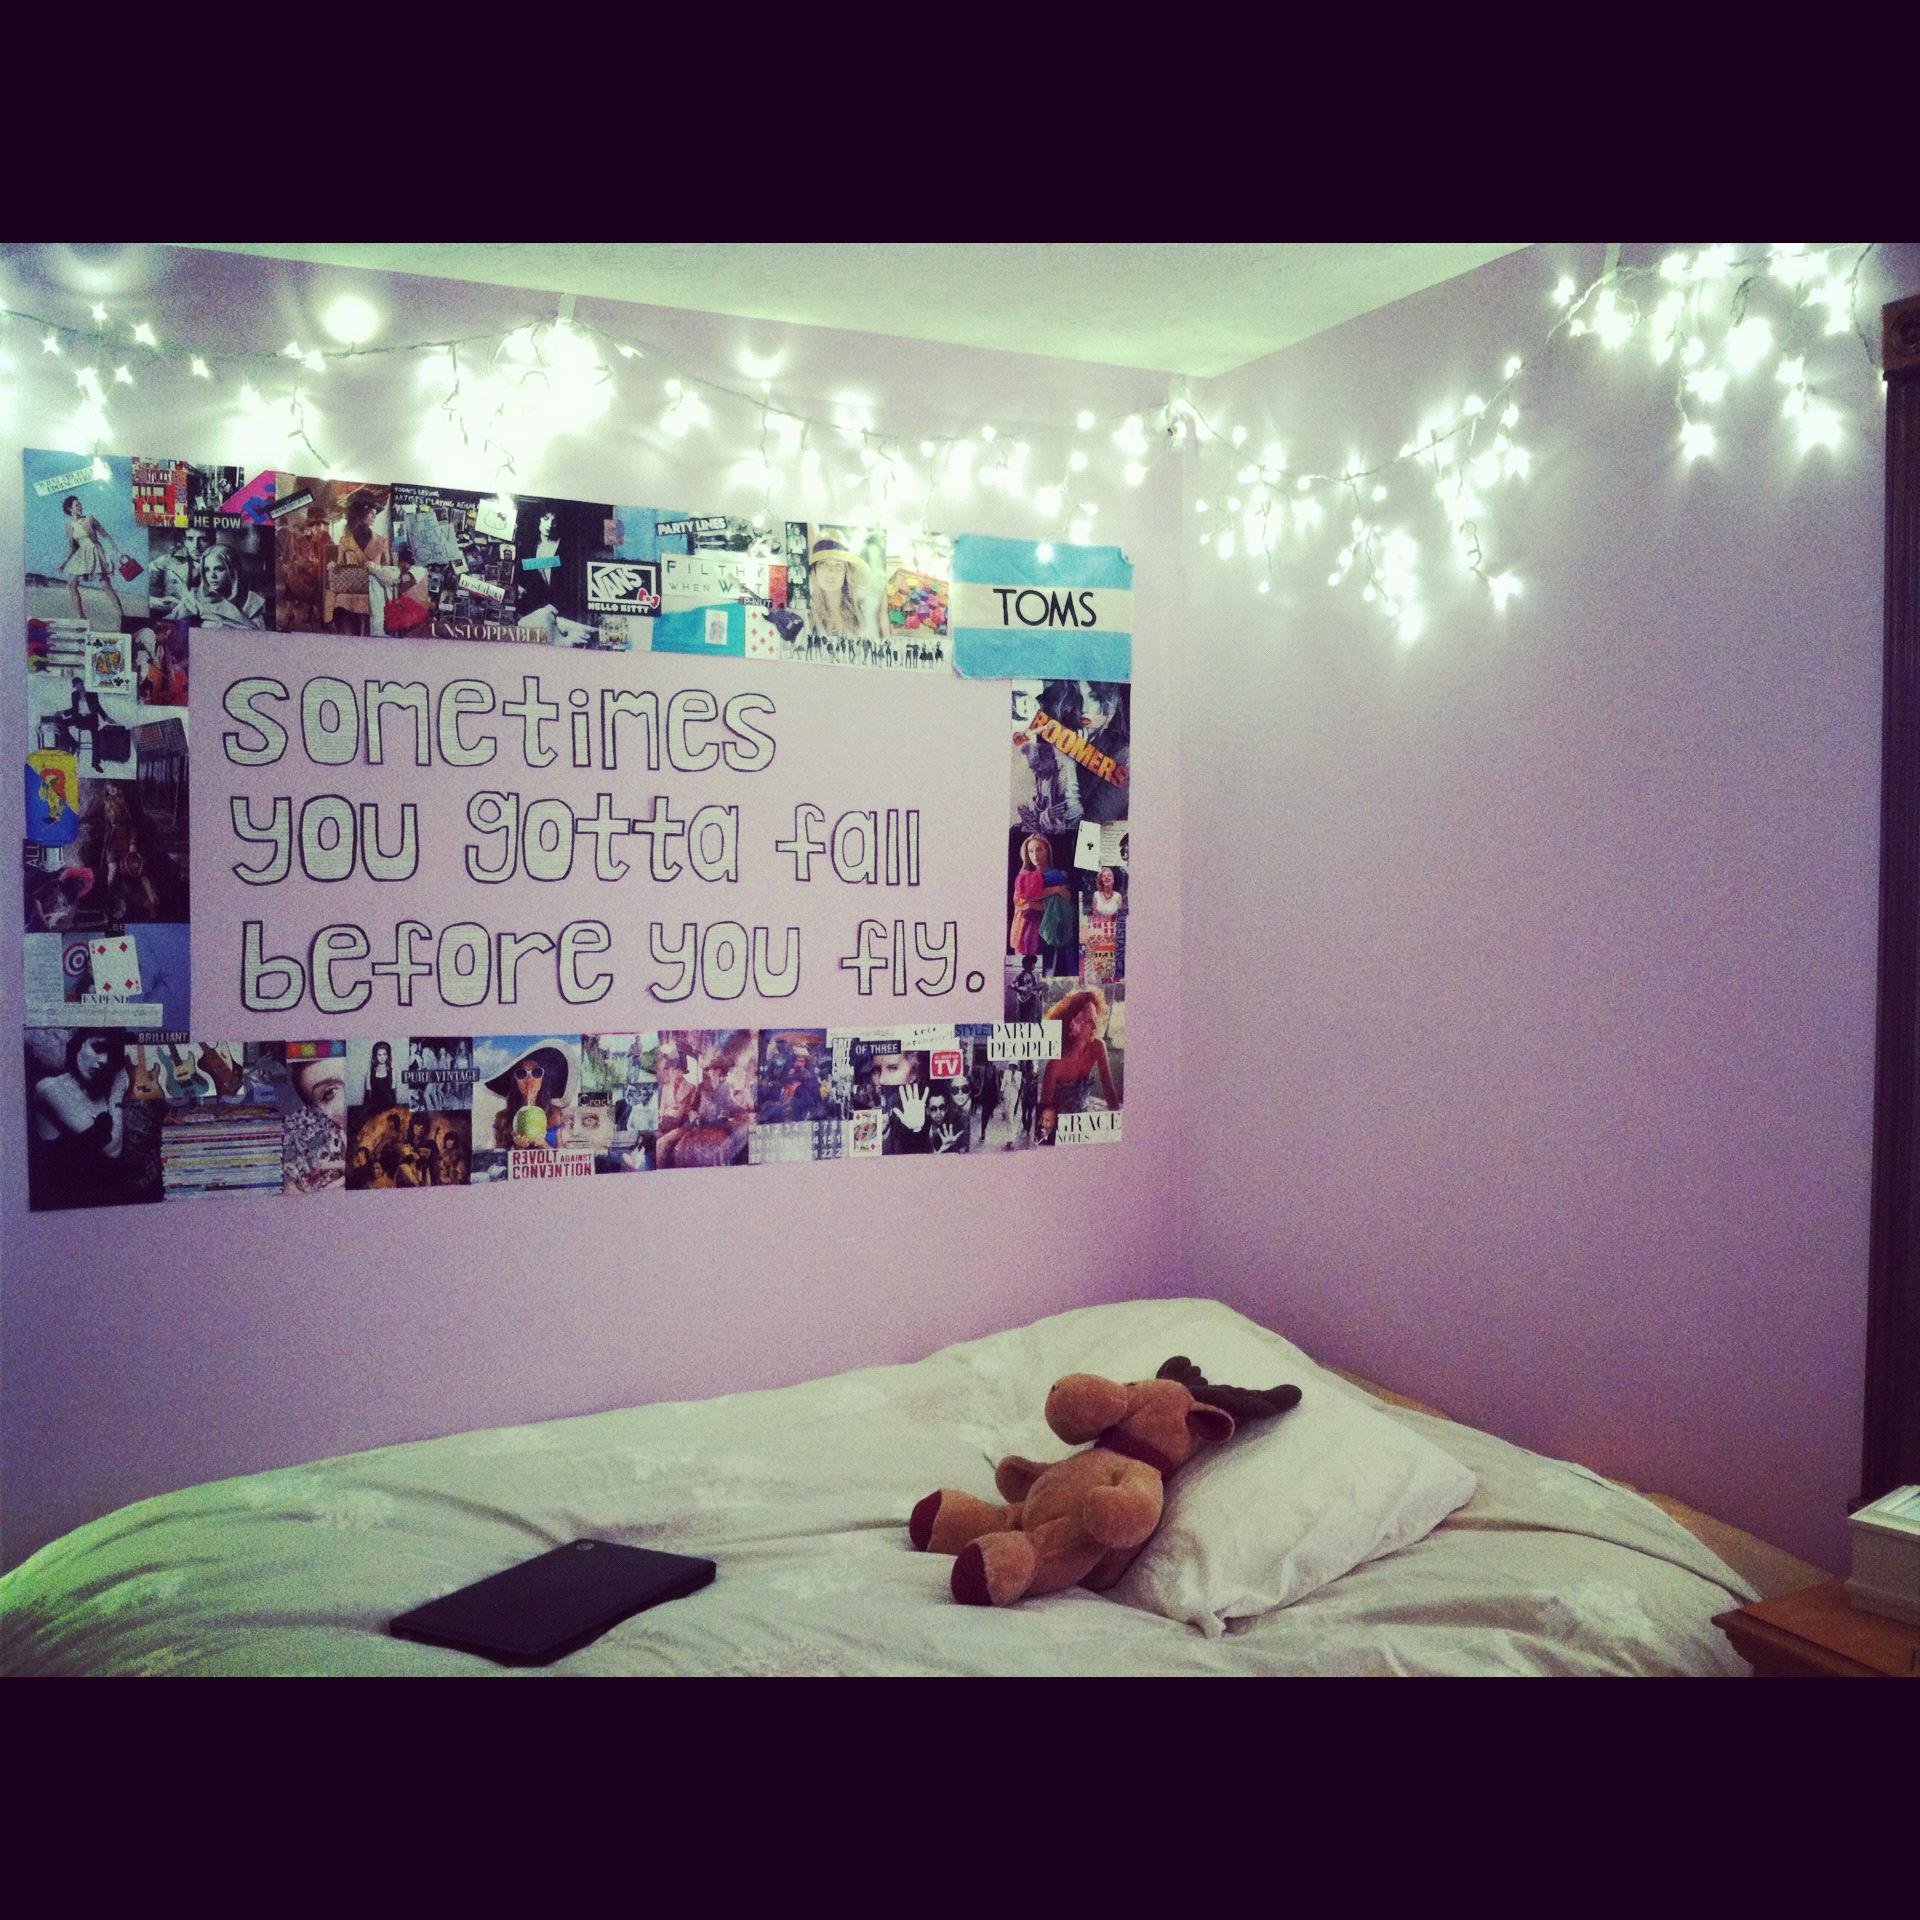 Words on bedroom walls tumblr - Words On Bedroom Walls Tumblr